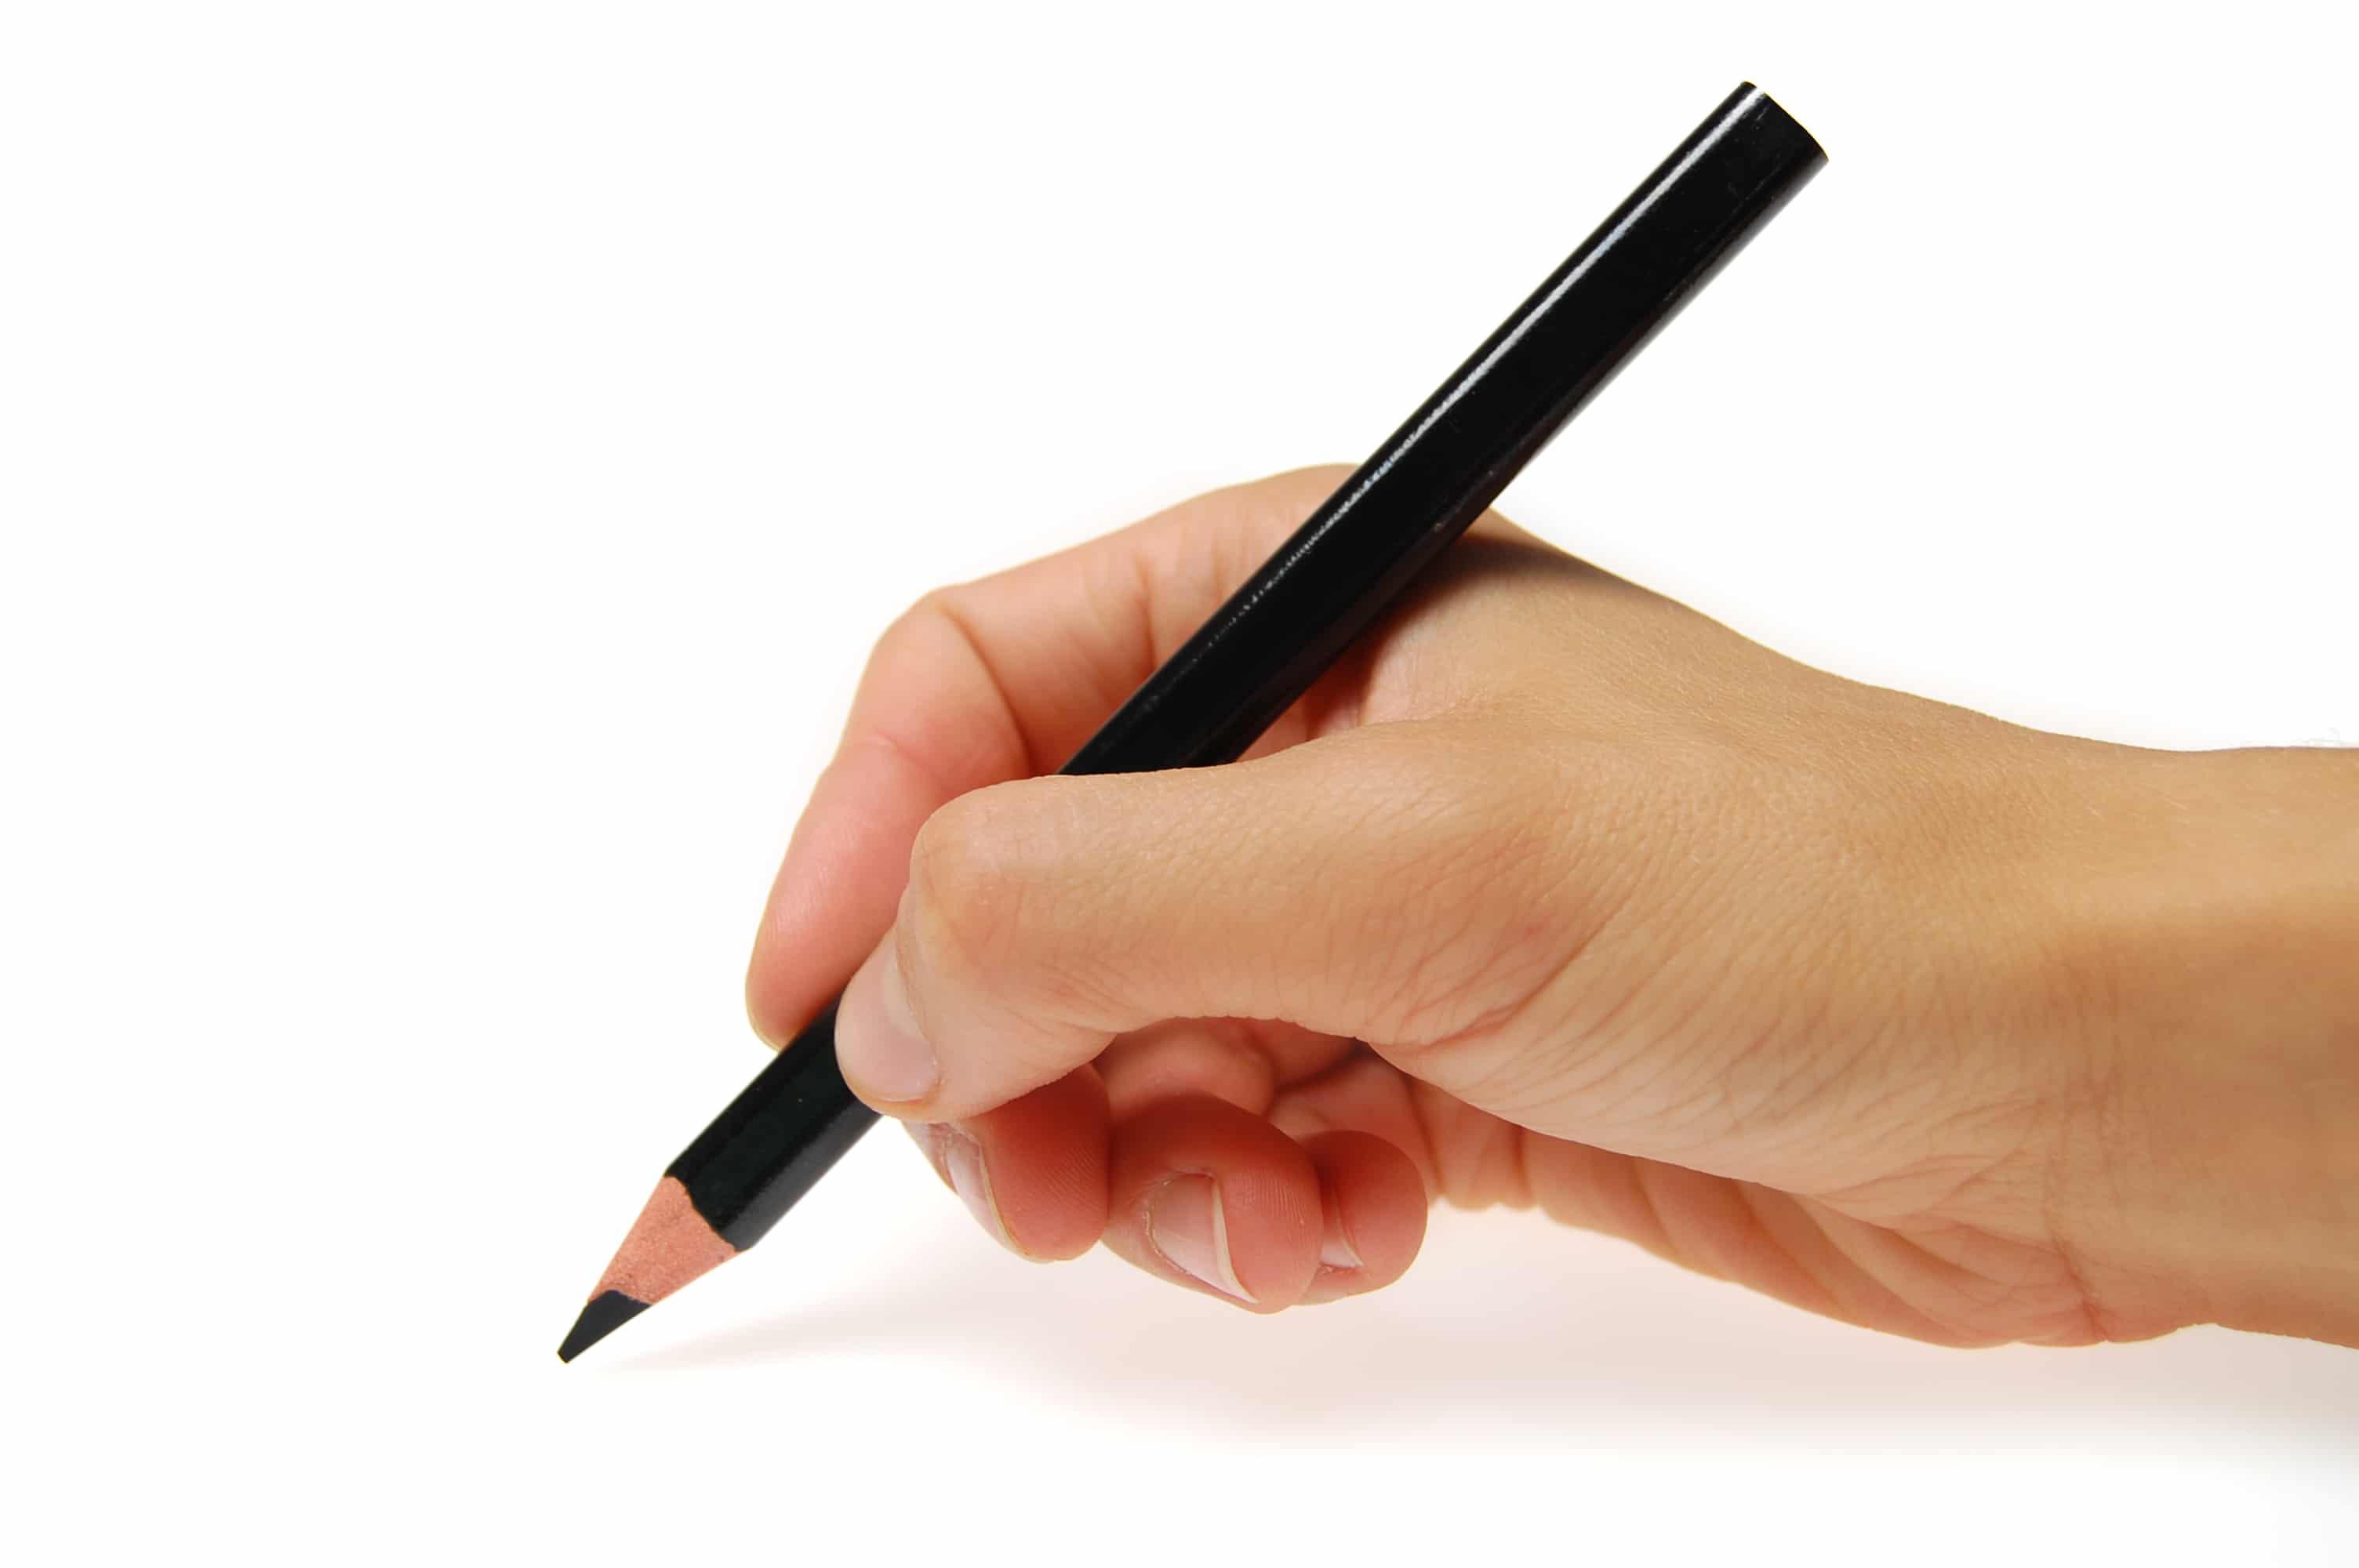 En tekstforfatter arbejder med at planlæggge, skrive og redigere tekst